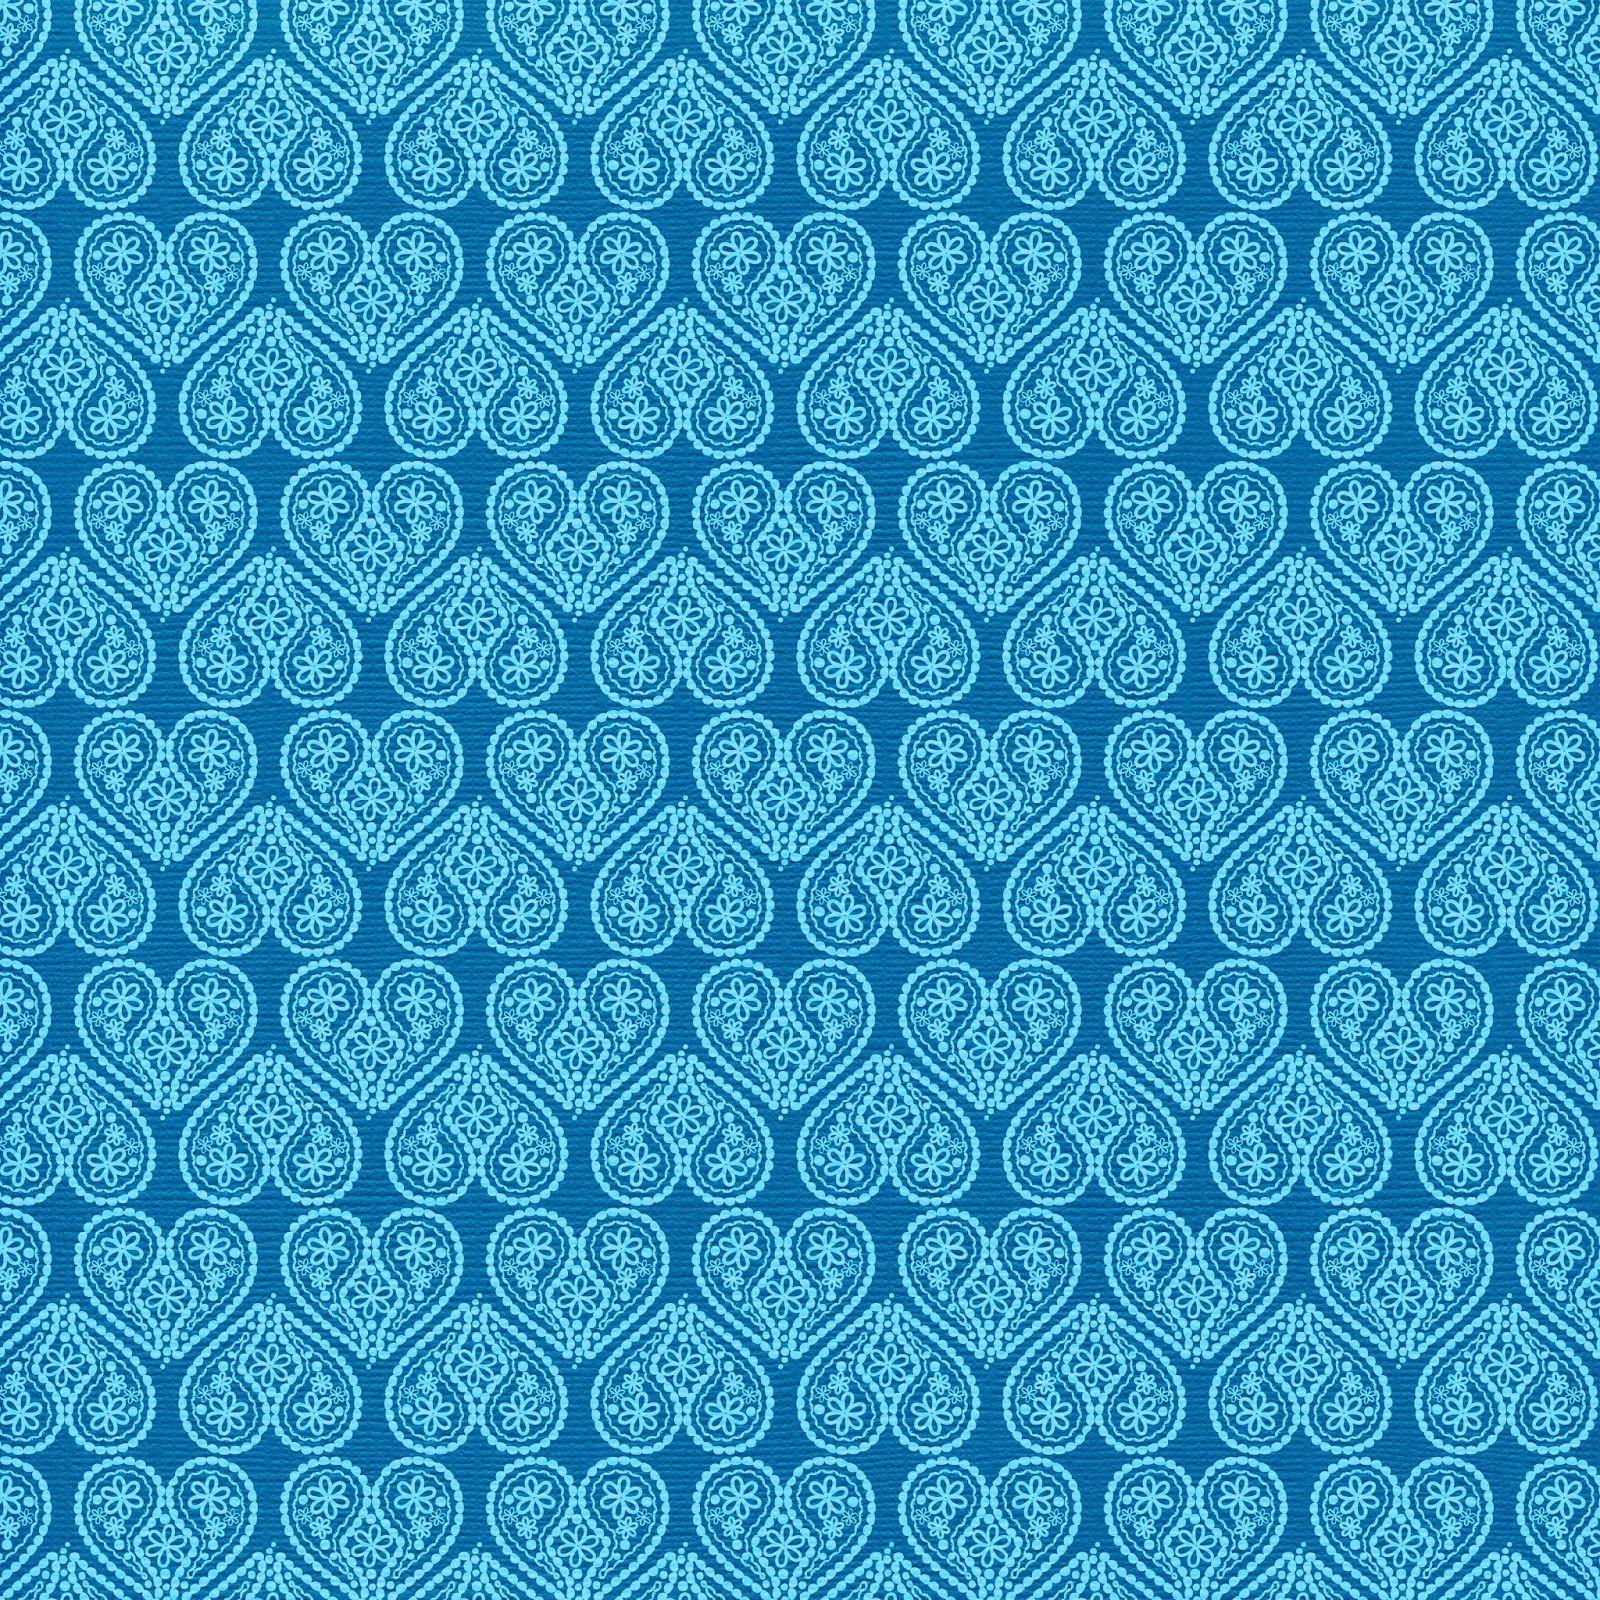 Fondos azules clipart clip art transparent stock Fondos del Clipart de Frozen.   Papel Digital Variado   Fondos ... clip art transparent stock